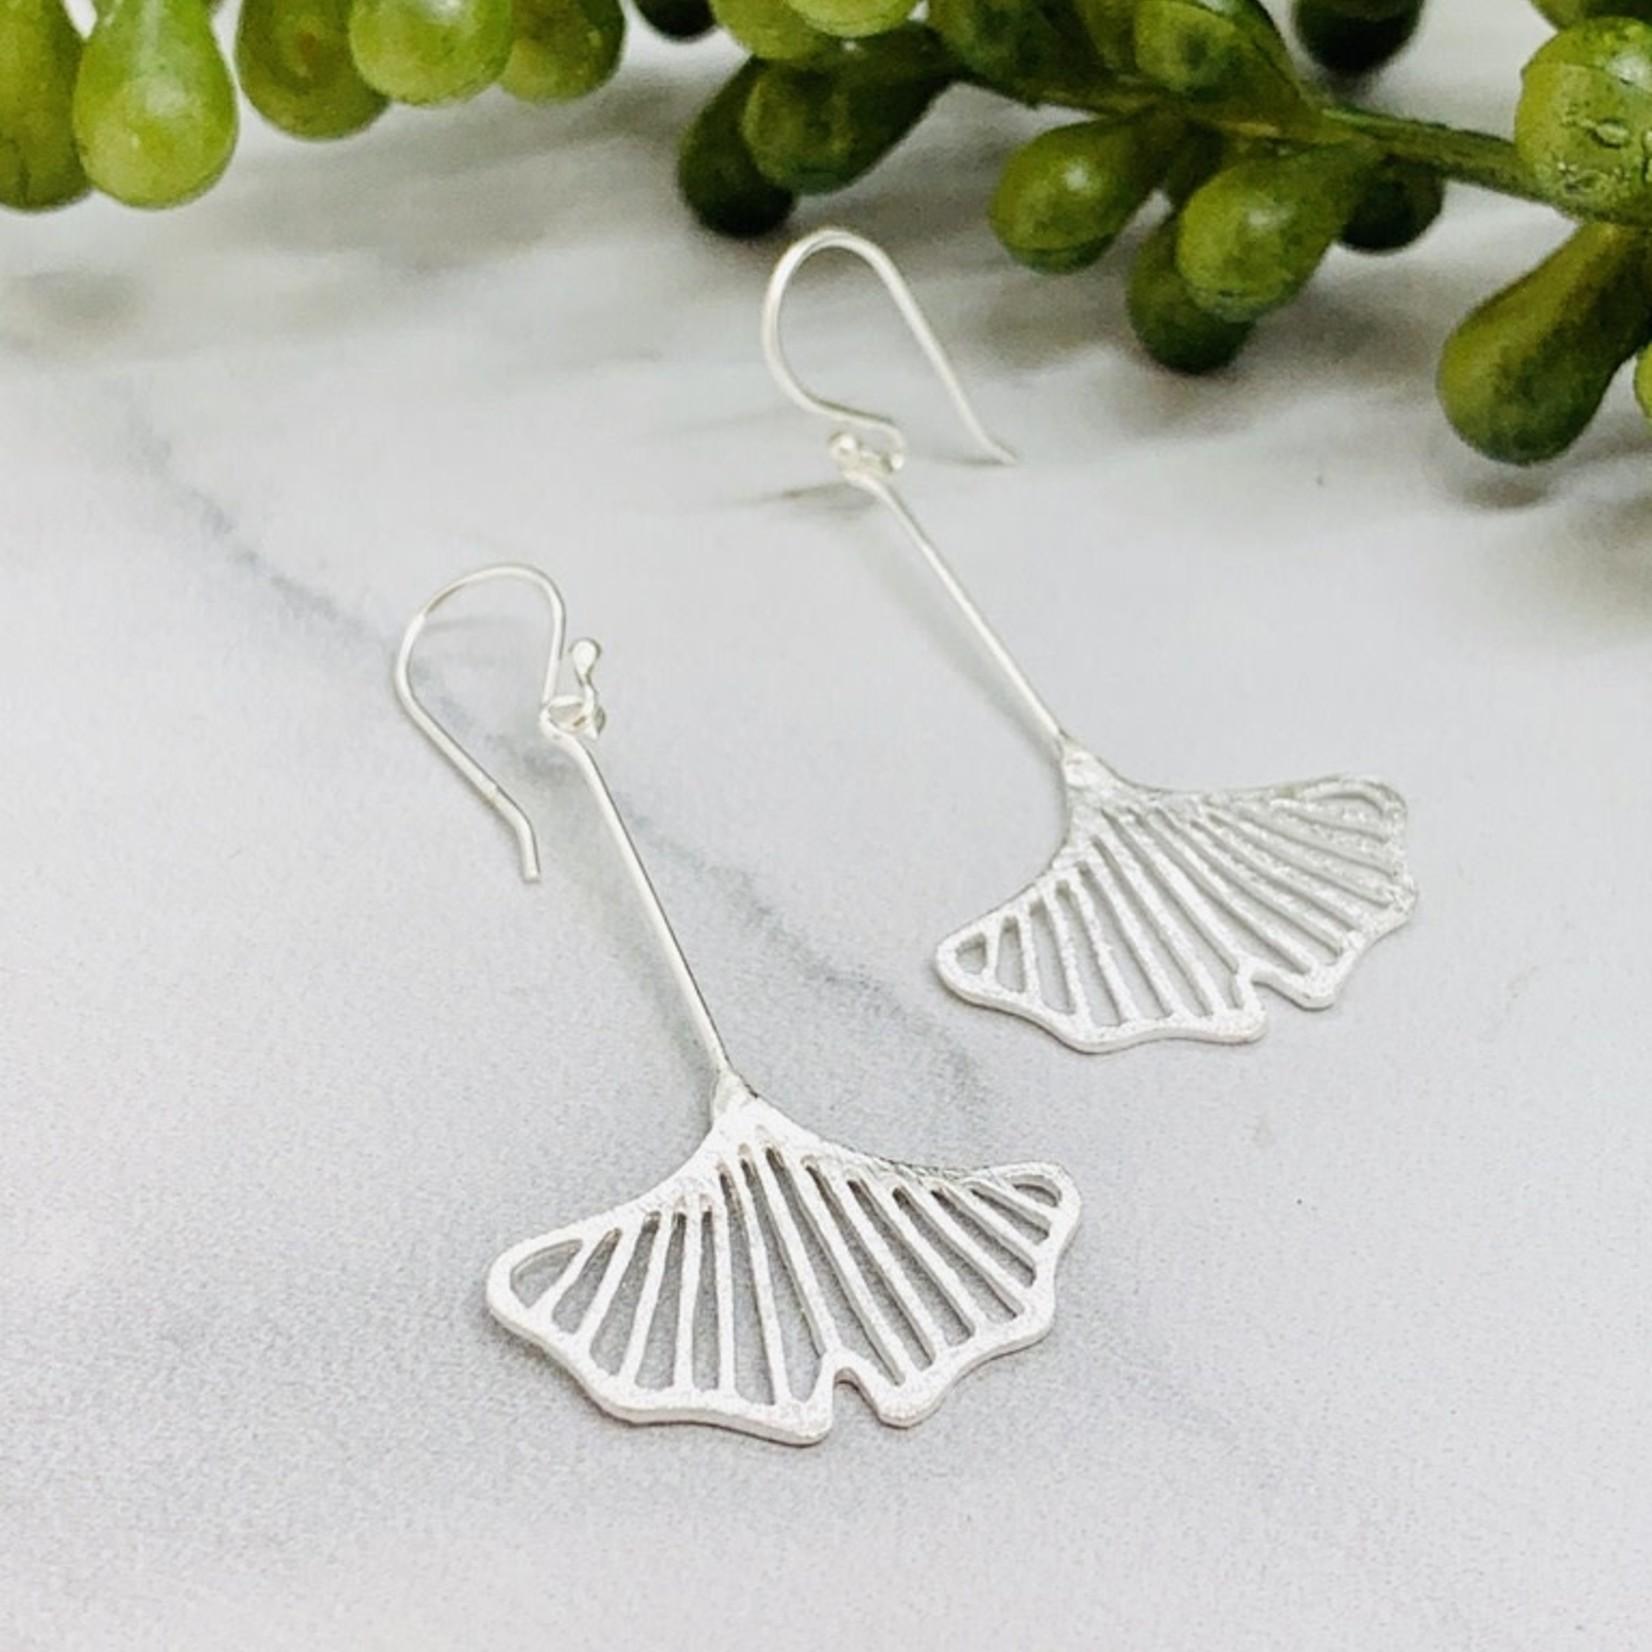 Anantara Silver Gingko Leaf Earrings